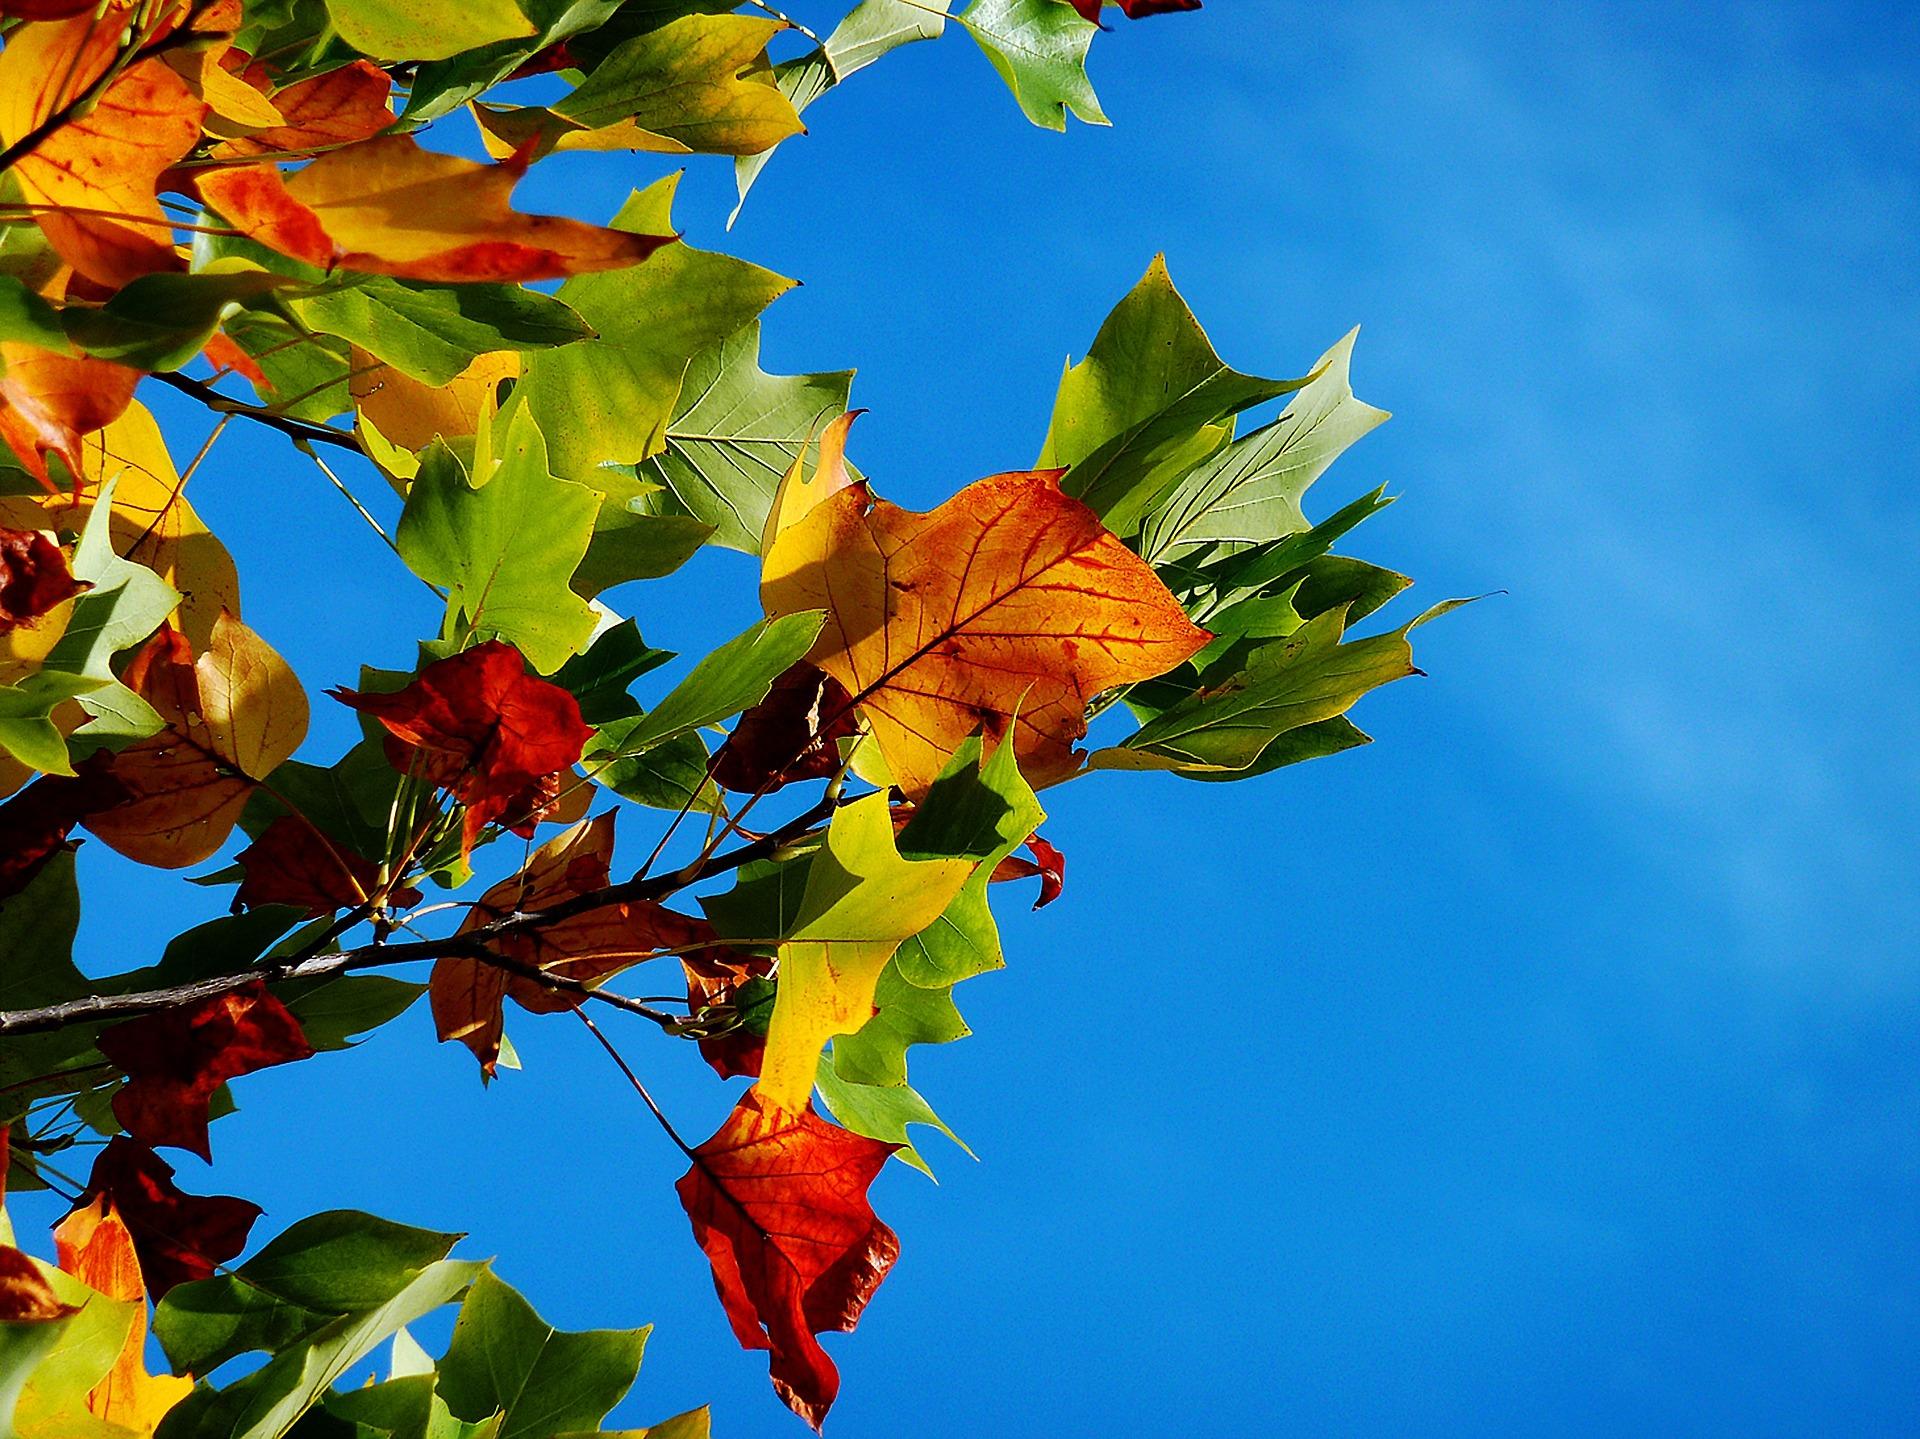 秋の空と少し紅葉しはじめた葉